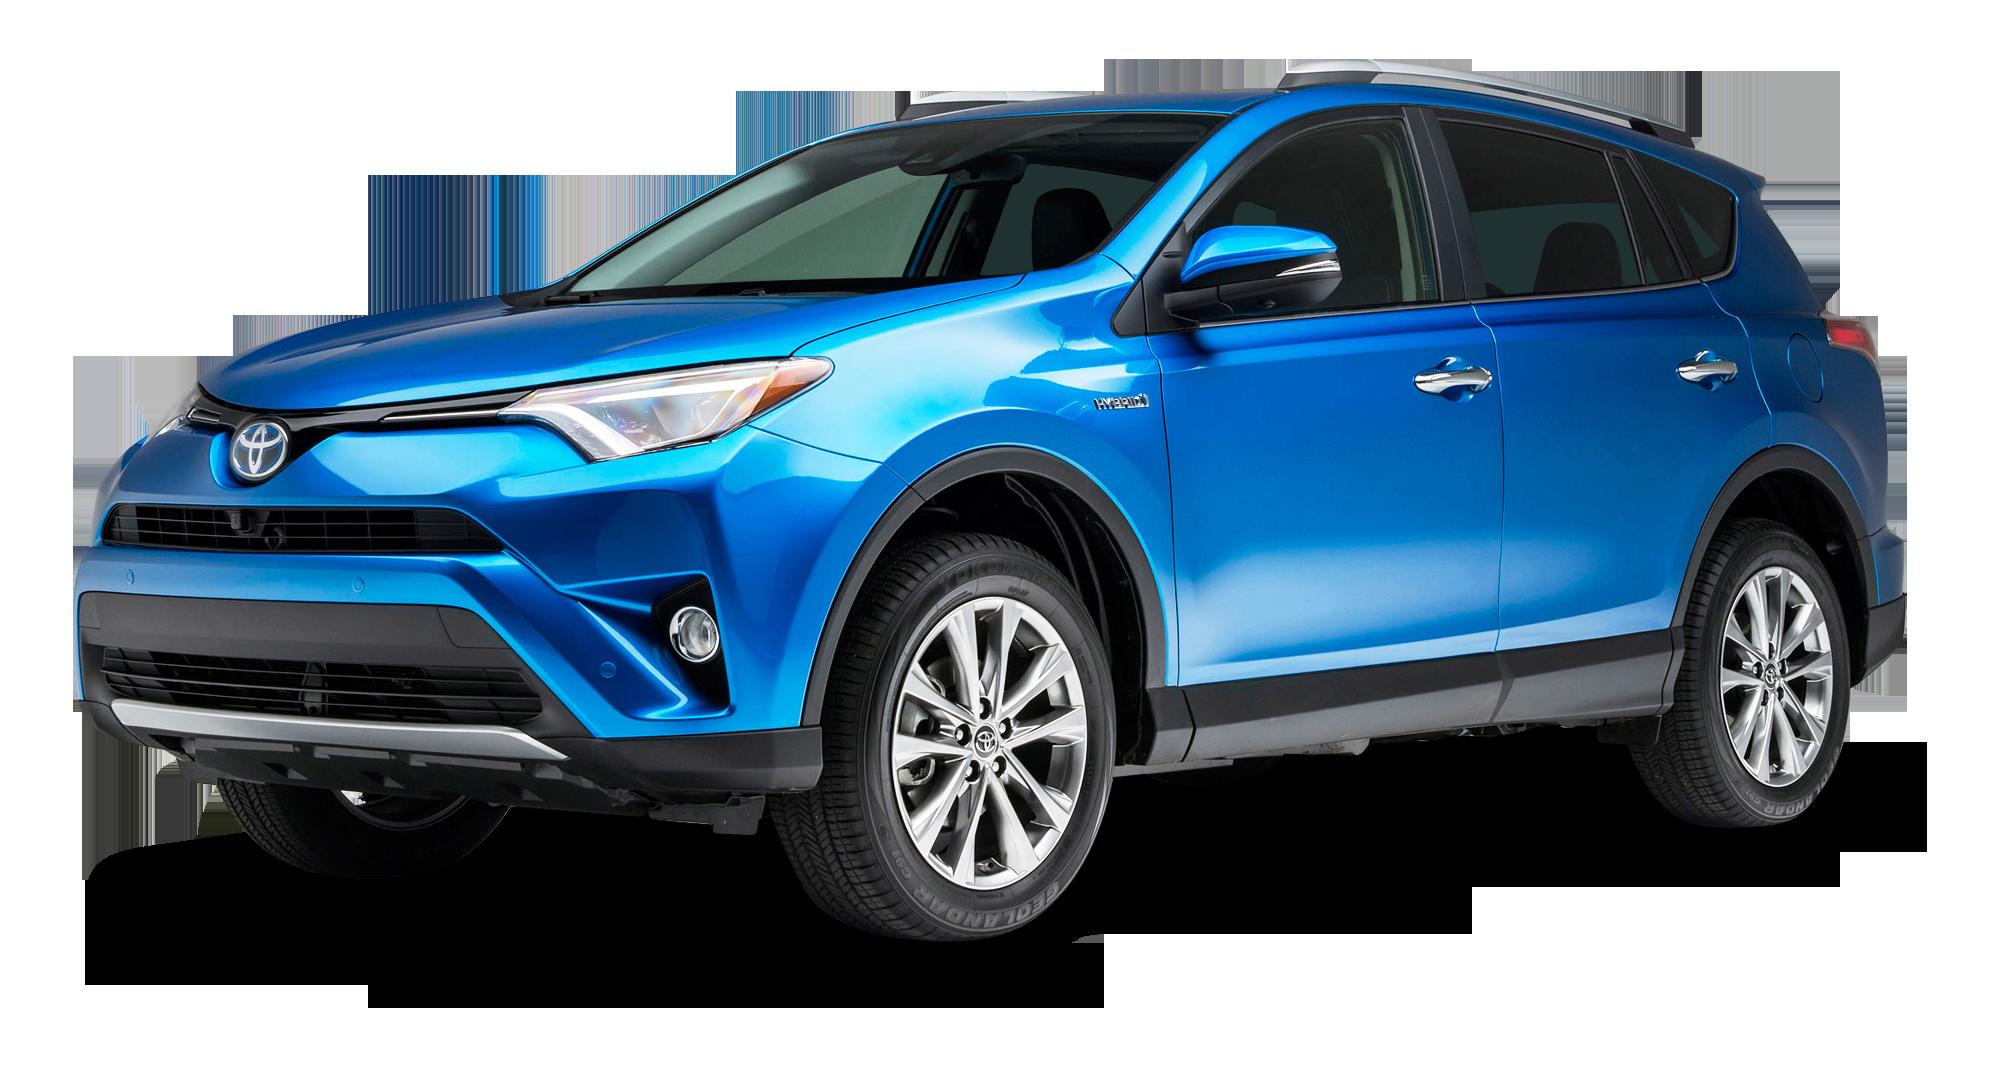 Download Blue Toyota Rav4 Hybrid Car Png Image For Free Toyota Rav4 Hybrid Rav4 Hybrid Hybrid Car